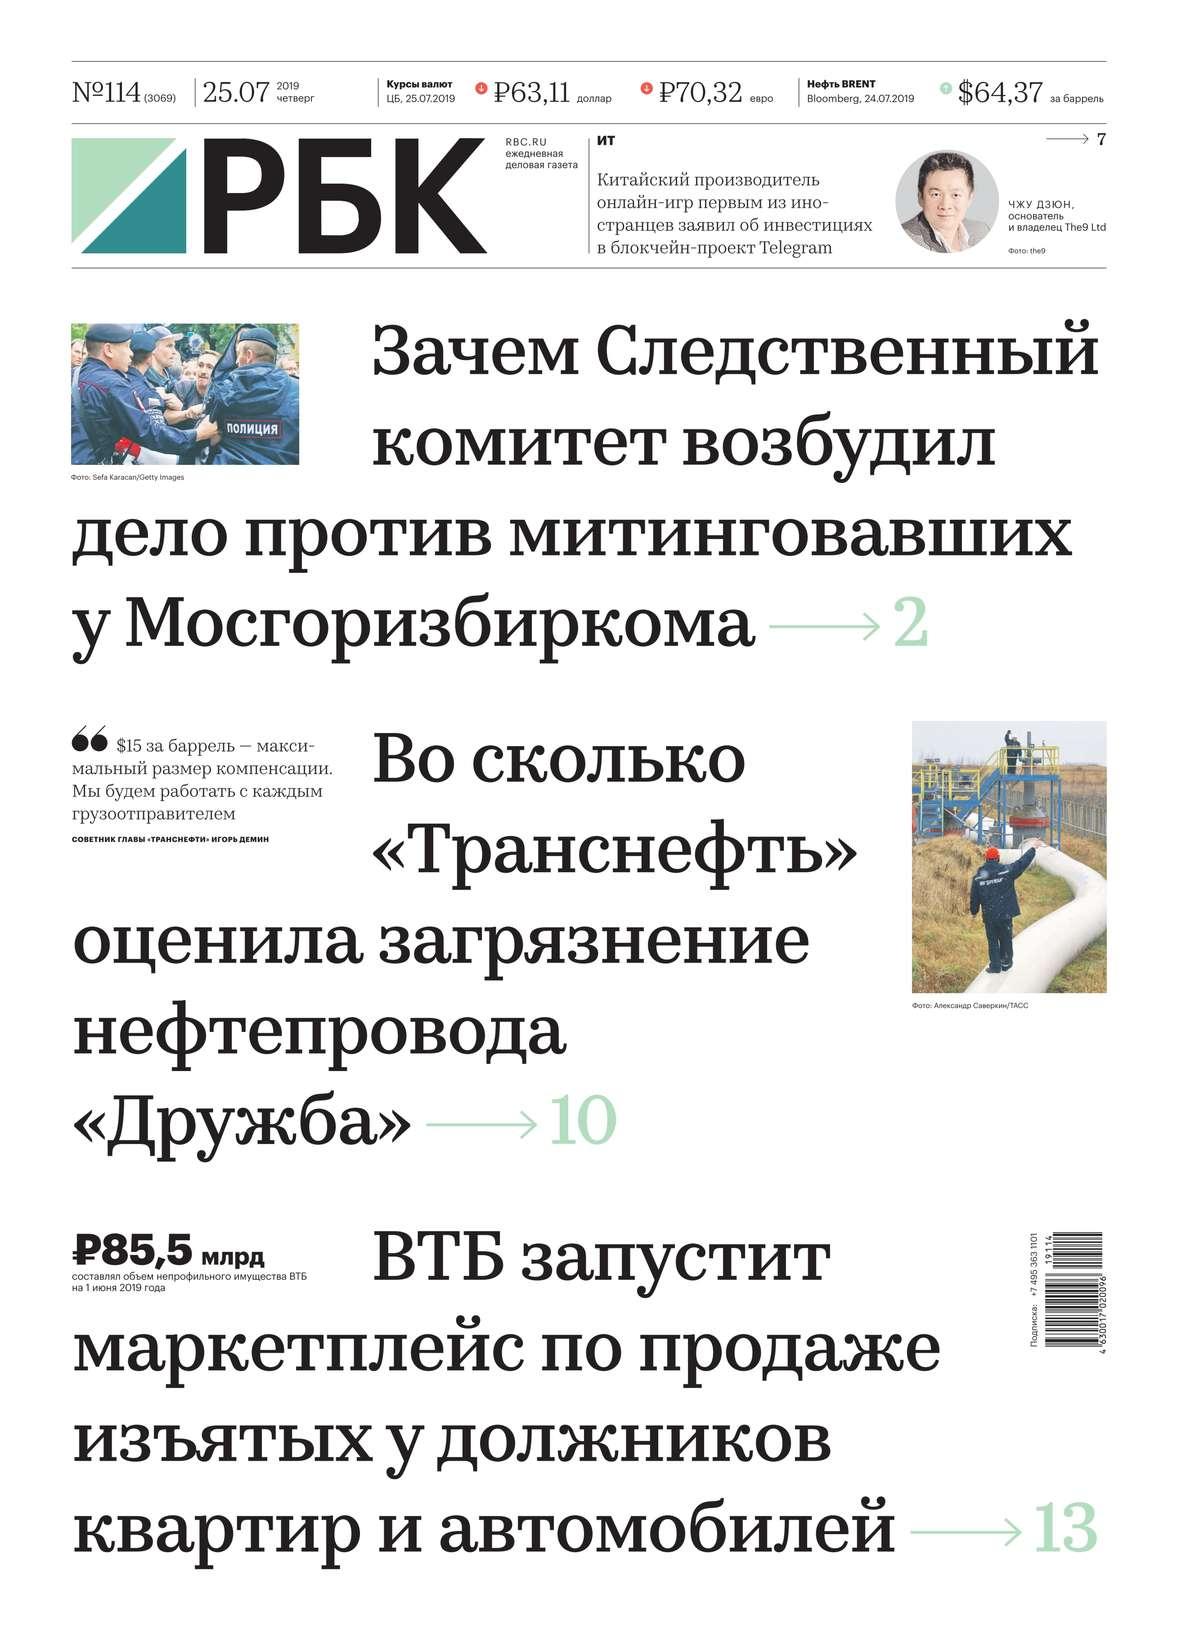 Ежедневная Деловая Газета Рбк 114-2019